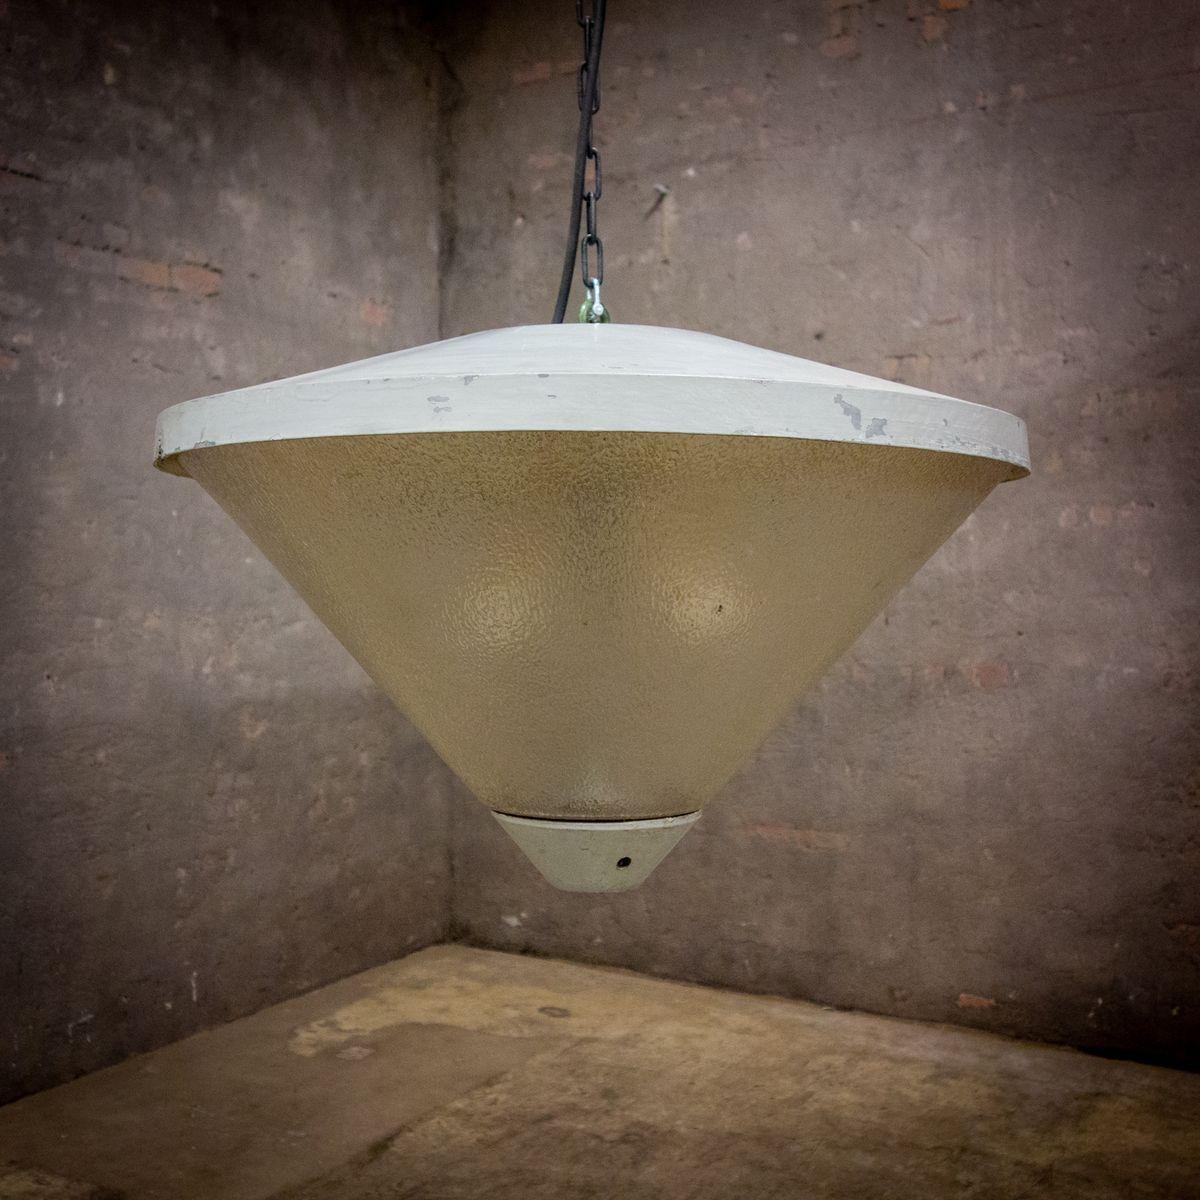 Full Size of Kristall Lampen Fabrikverkauf Wohnzimmer Deckenlampe Selber Vorhänge Deckenleuchte Schlafzimmer Modern Landhausstil Fototapete Deckenleuchten Teppich Wohnzimmer Wohnzimmer Deckenleuchte